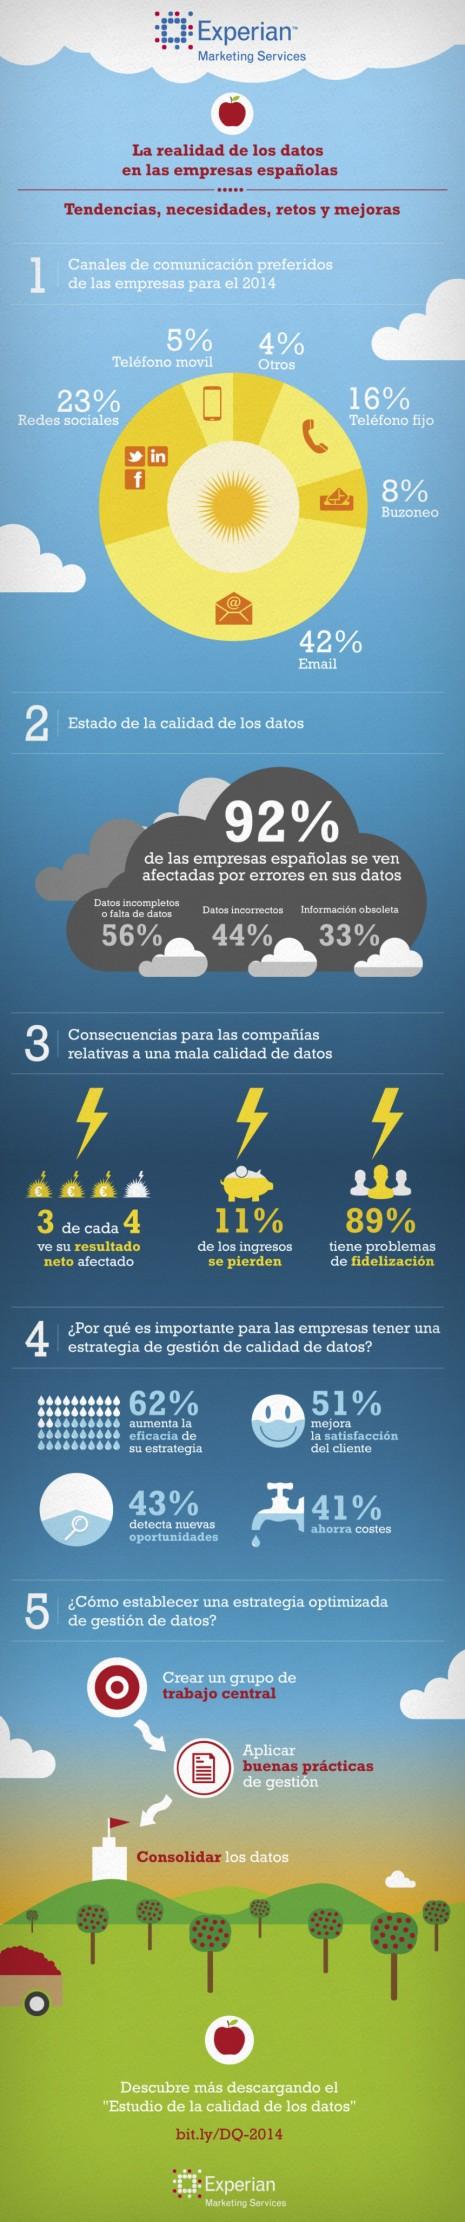 calidad-datos-empresas-espanolas-infografia